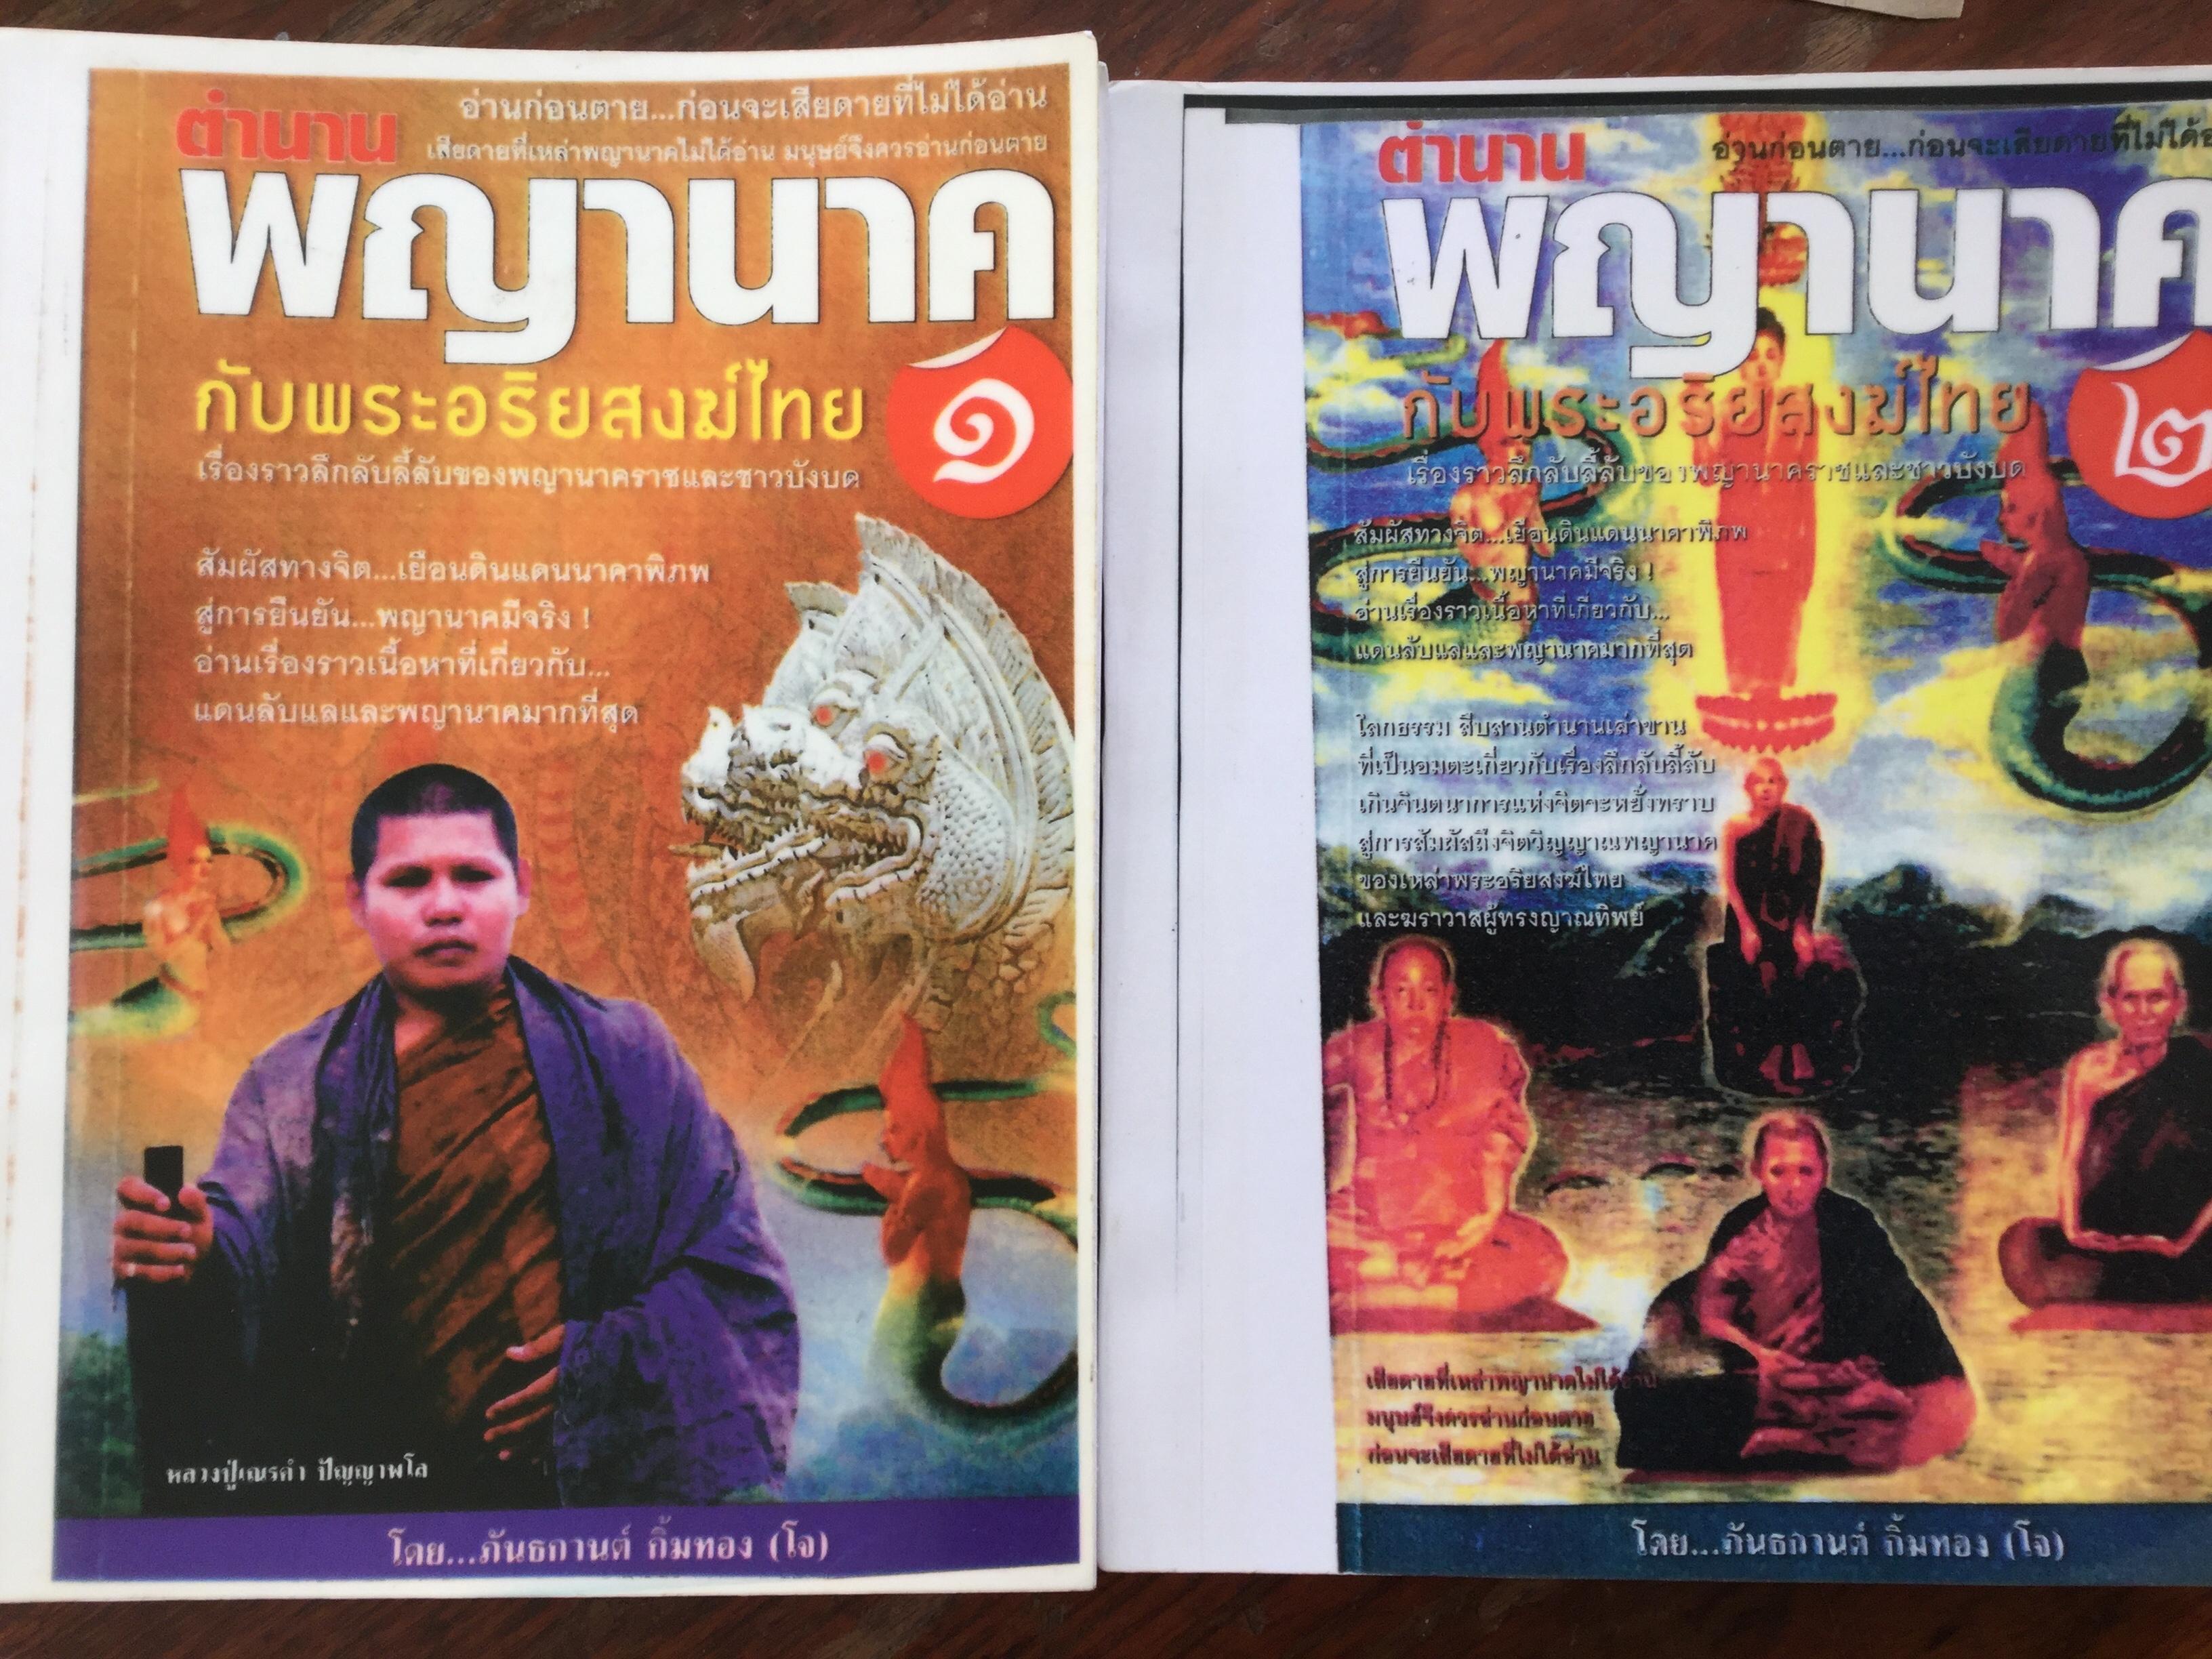 พญานาคกับพระอริยสงฆ์ไทย เล่ม 1-2 รวม 2 เล่ม. เรื่องราวลึกลับลี้ลับของพญานาคราชและชาวบังบด. ผู้เขียน ภันธกานต์ กิ้มทอง